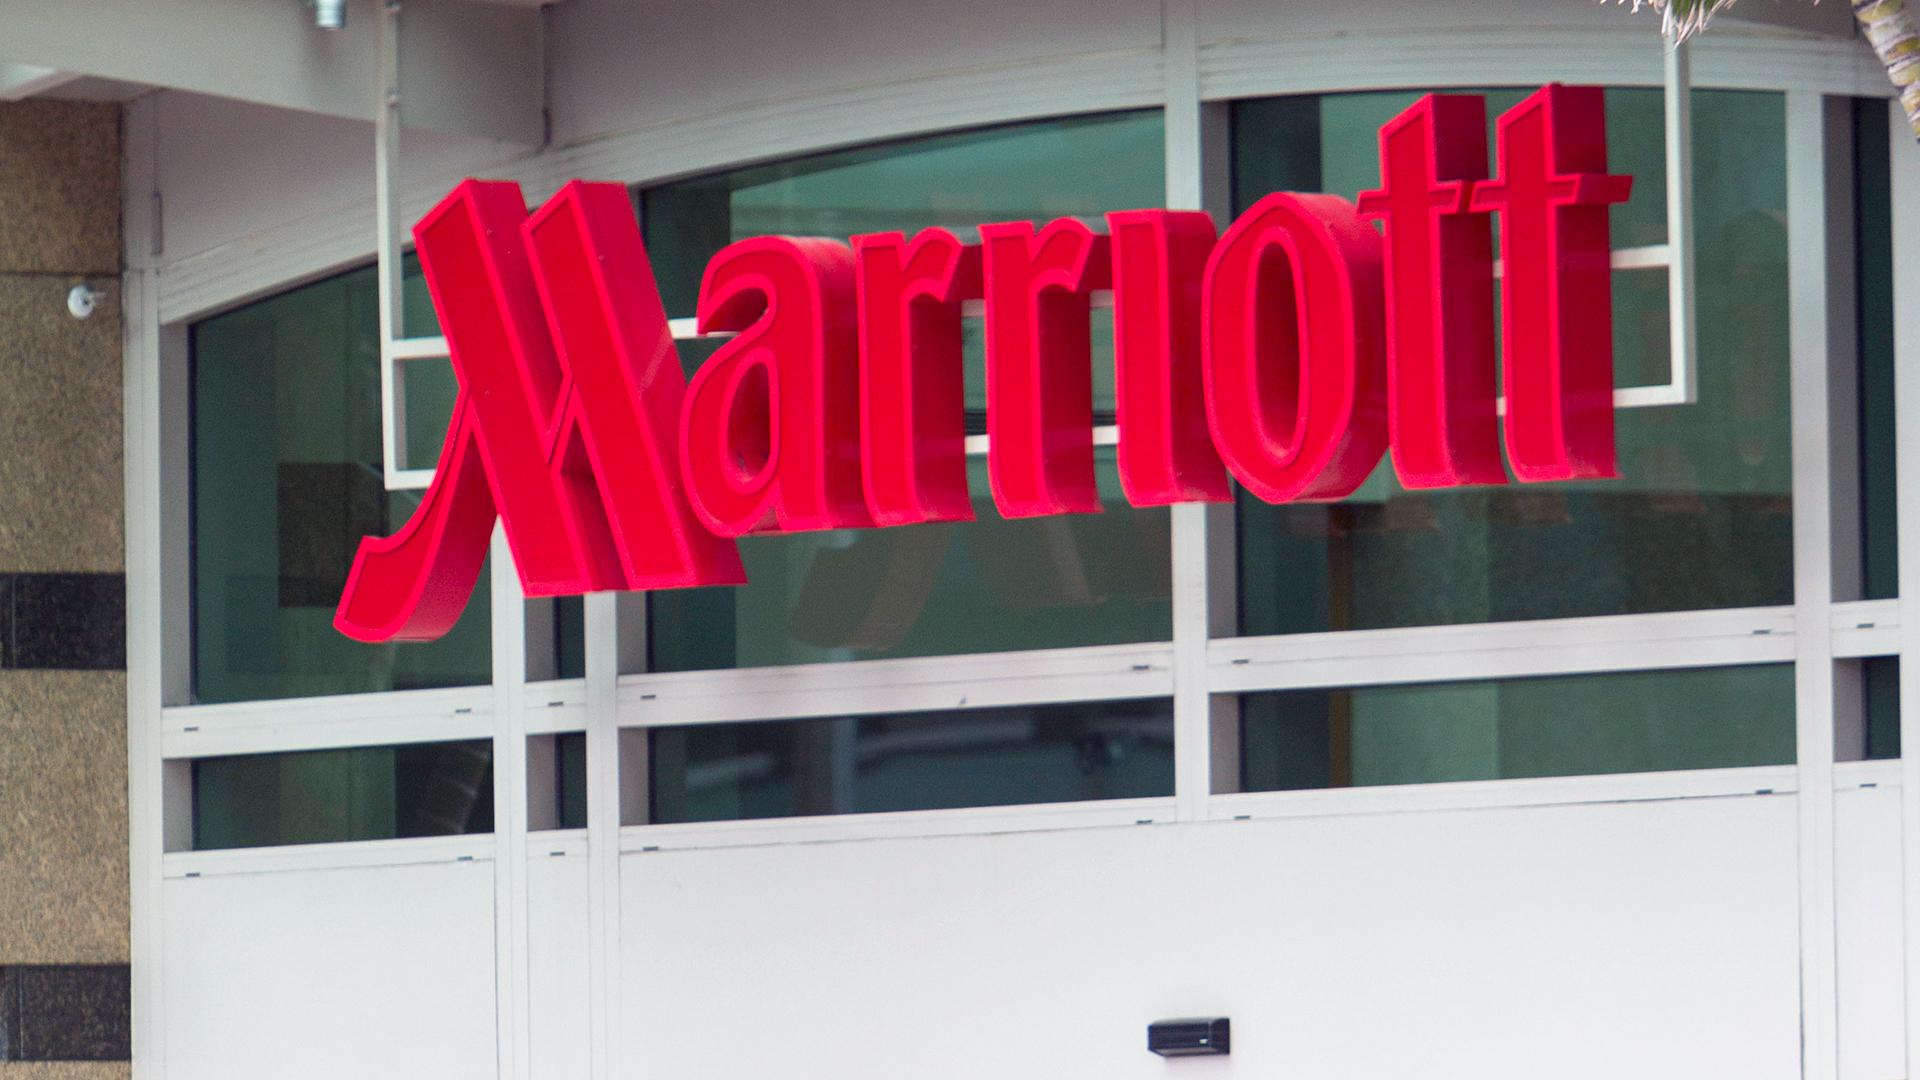 Marriott Hotel Sign-159532.jpg37524693